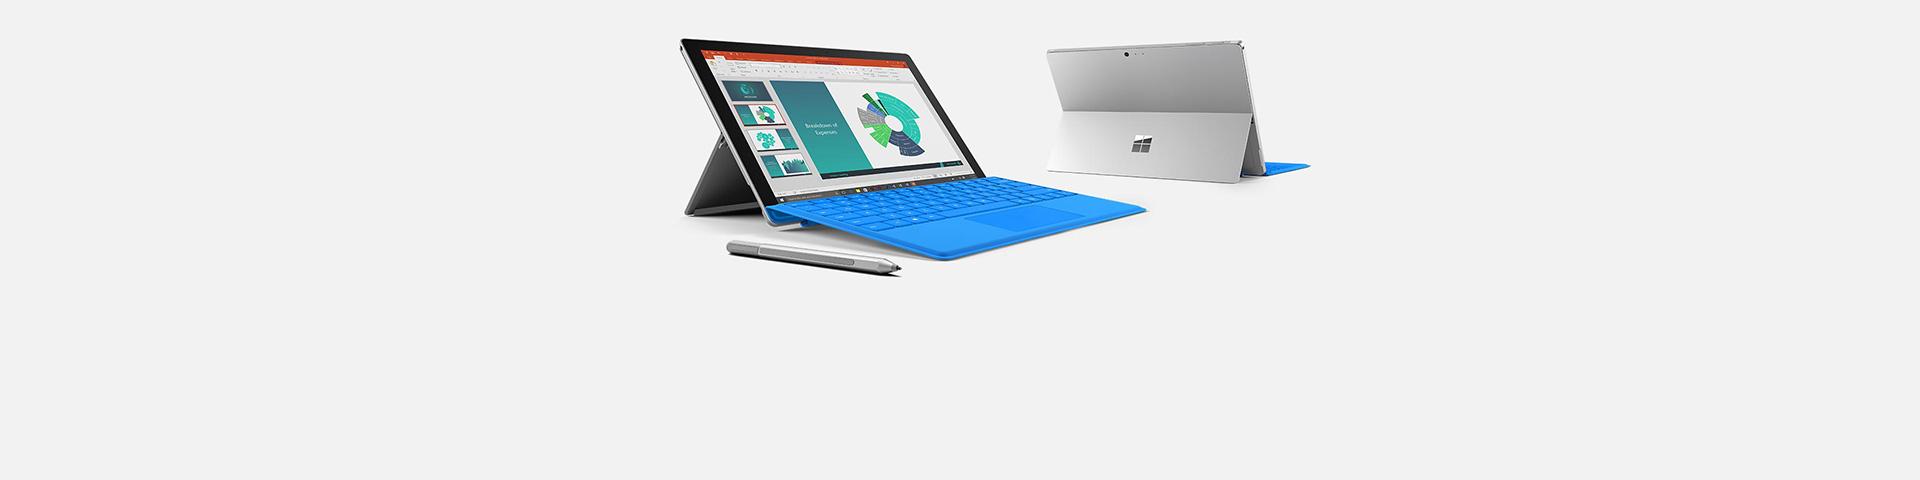 En savoir plus sur les appareils SurfacePro4